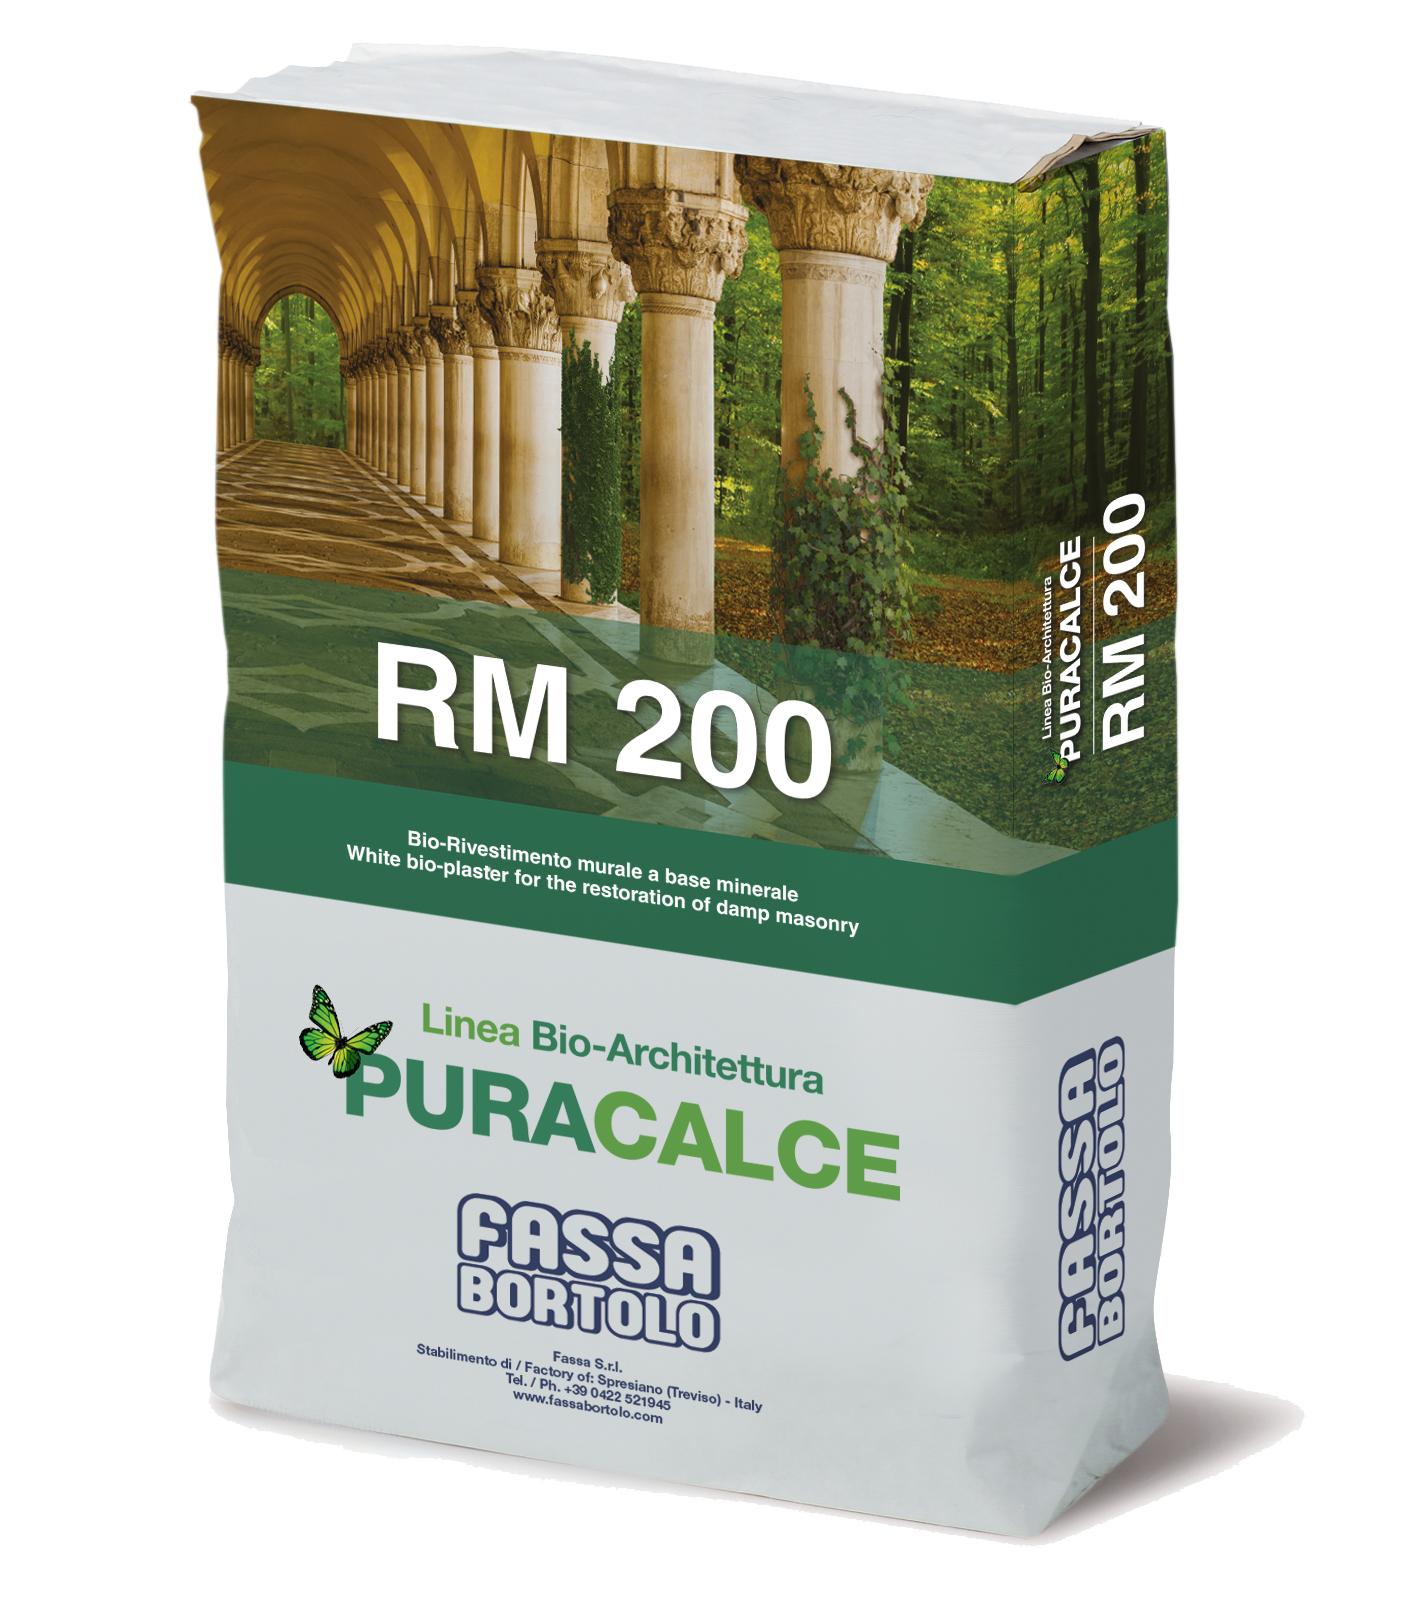 RM 200: Bio-rivestimento murale bianco a base minerale per esterni ed interni